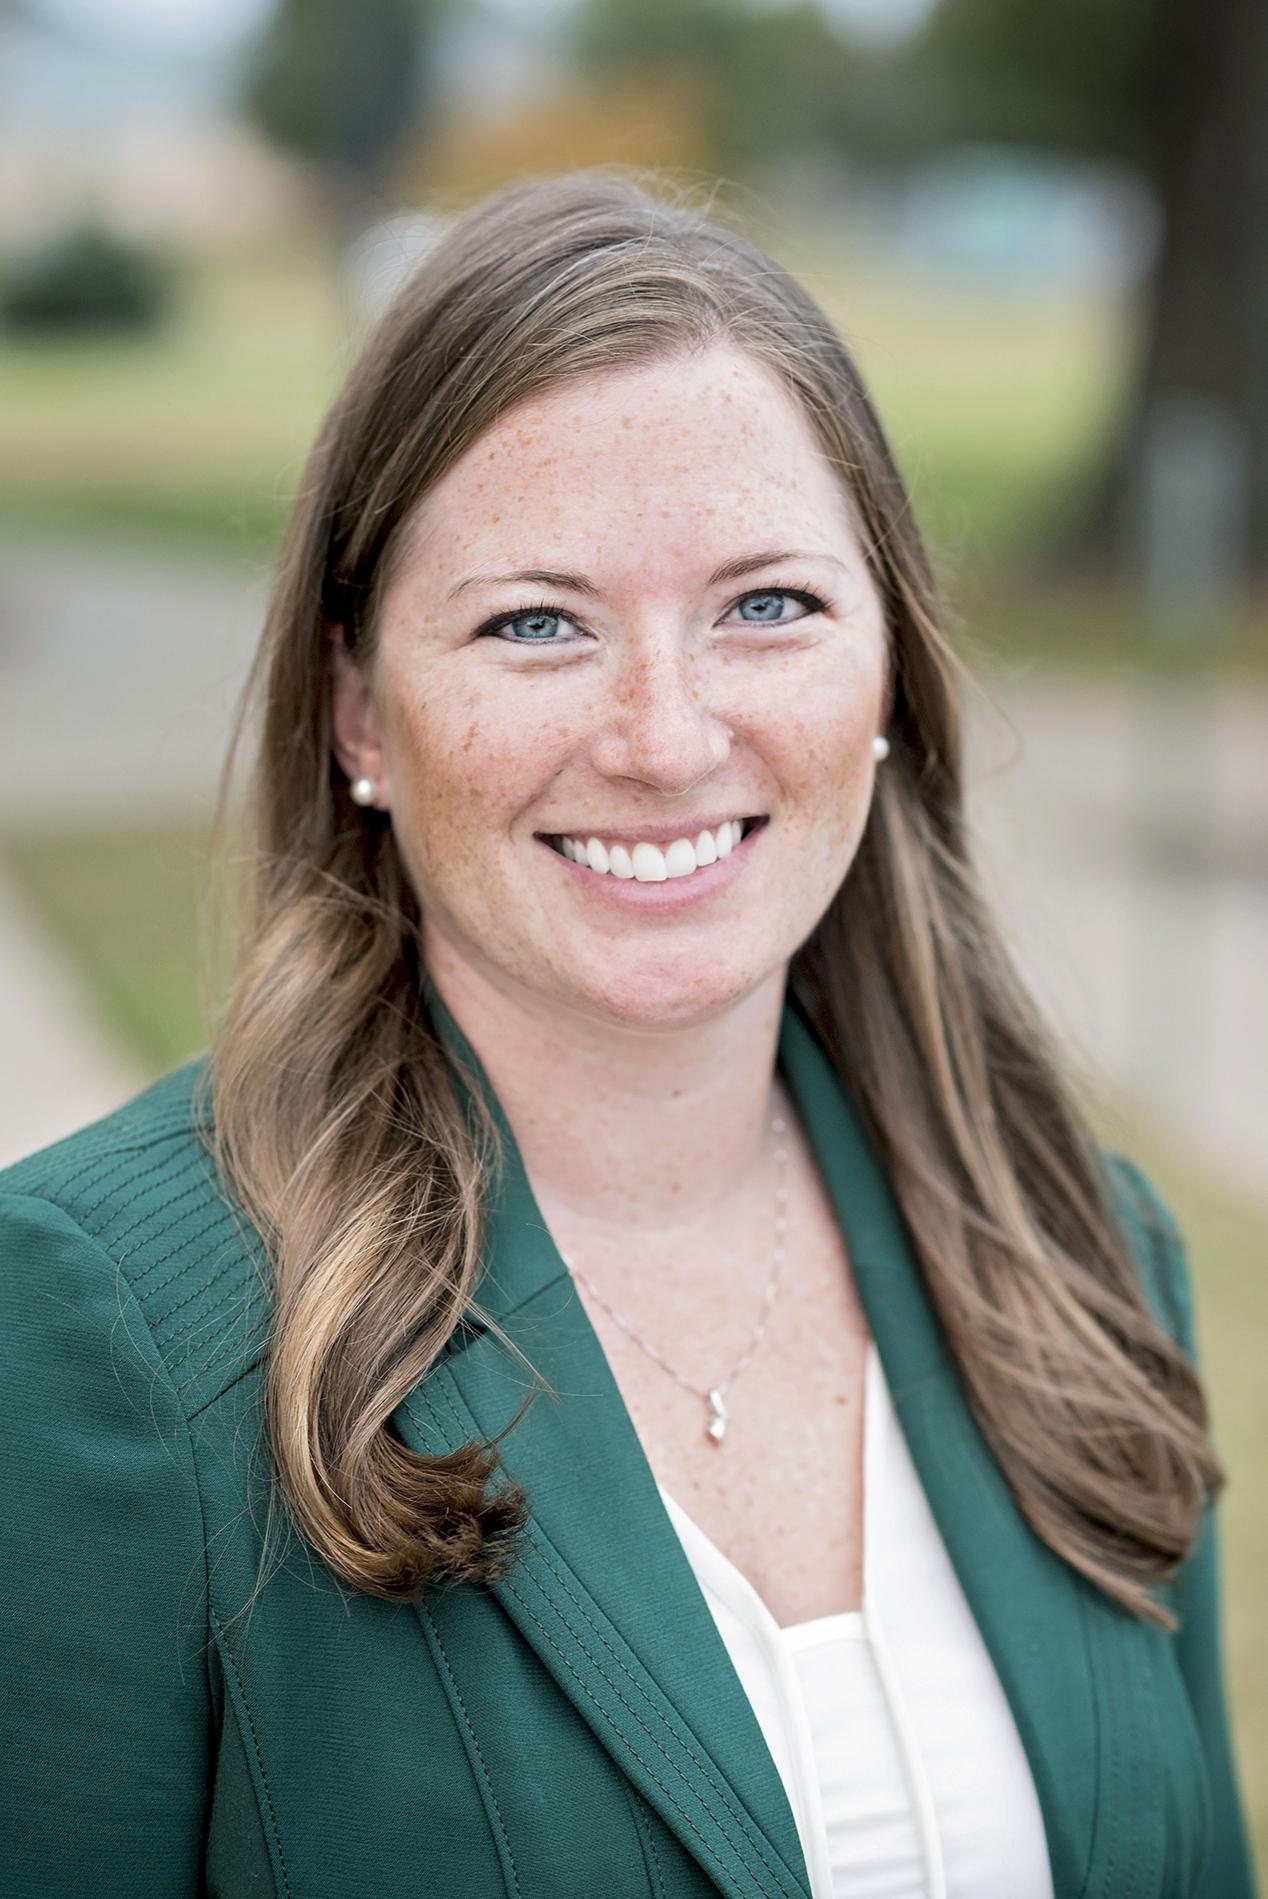 Dr Sarah Petschonek